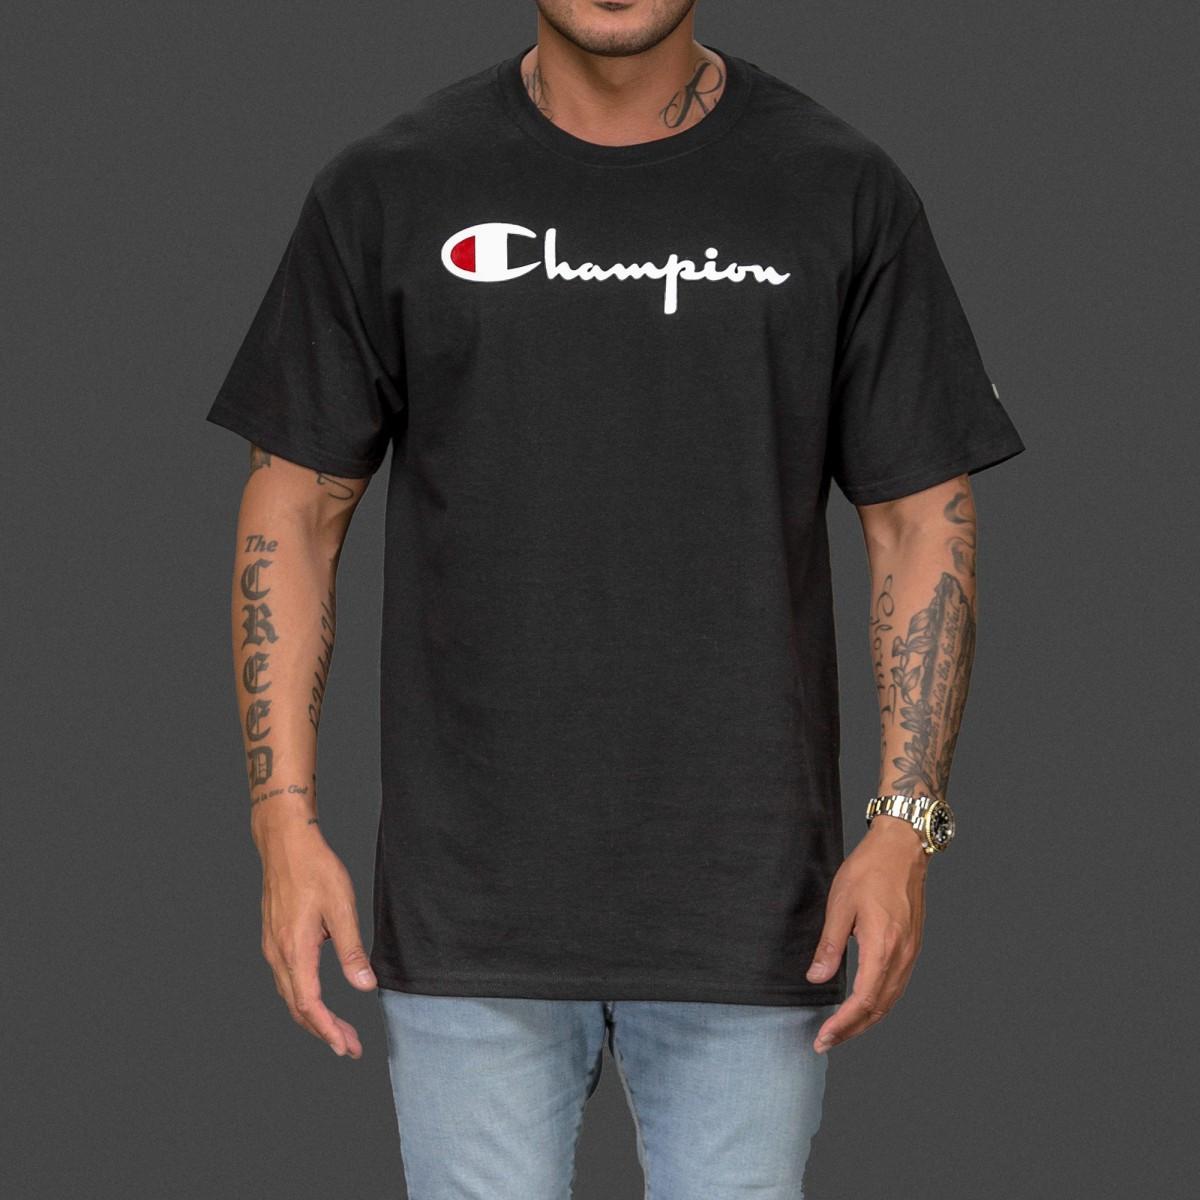 Champion Футболка мужская • Бирка оригинальная • чёрная | Качественная